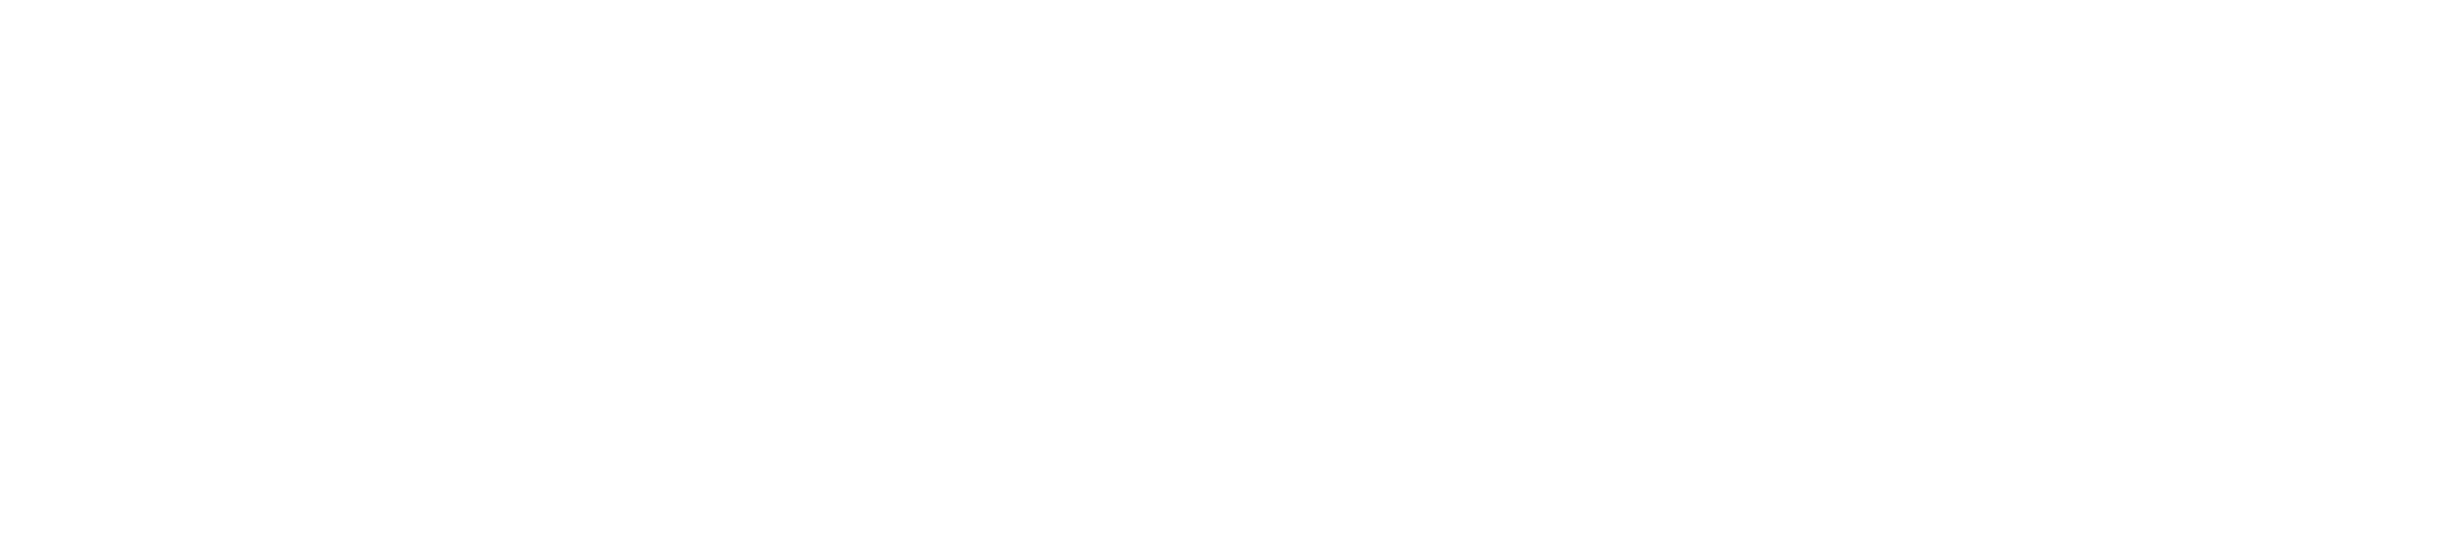 Storyblocks-logo_white-1